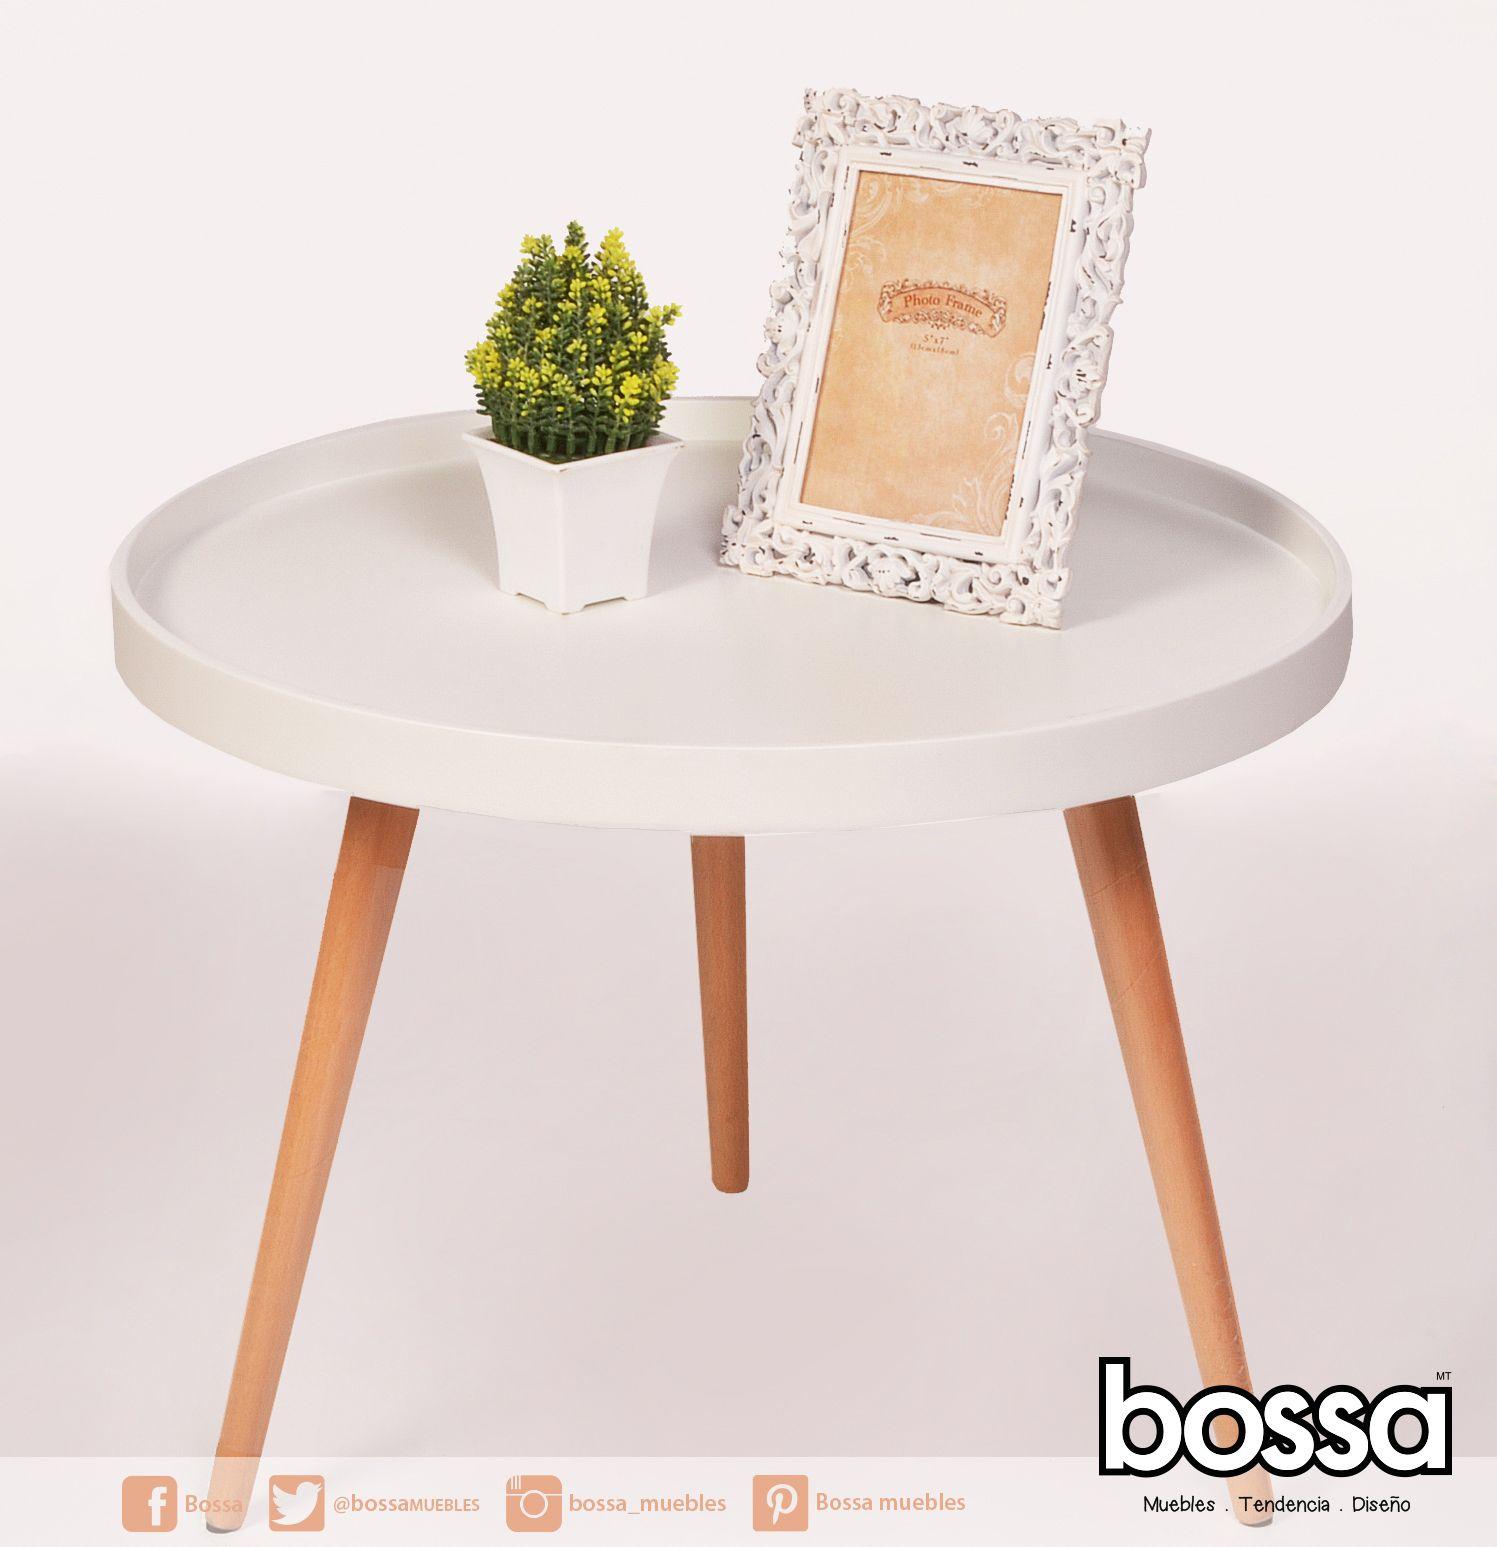 No es solo una mesa, es el complemento perfecto.  #diseño #diseñodeinteriores #desing #BossaMUEBLES #accesoriosdemoda #accesorios #estilo #e #design #hogar #paraestrenarhoy #diseñodeinteriores #muebles #bossa #decor #decoration #decoracion #decorations #interiores #vintage #industrial #arquitectura #moderno #nordico